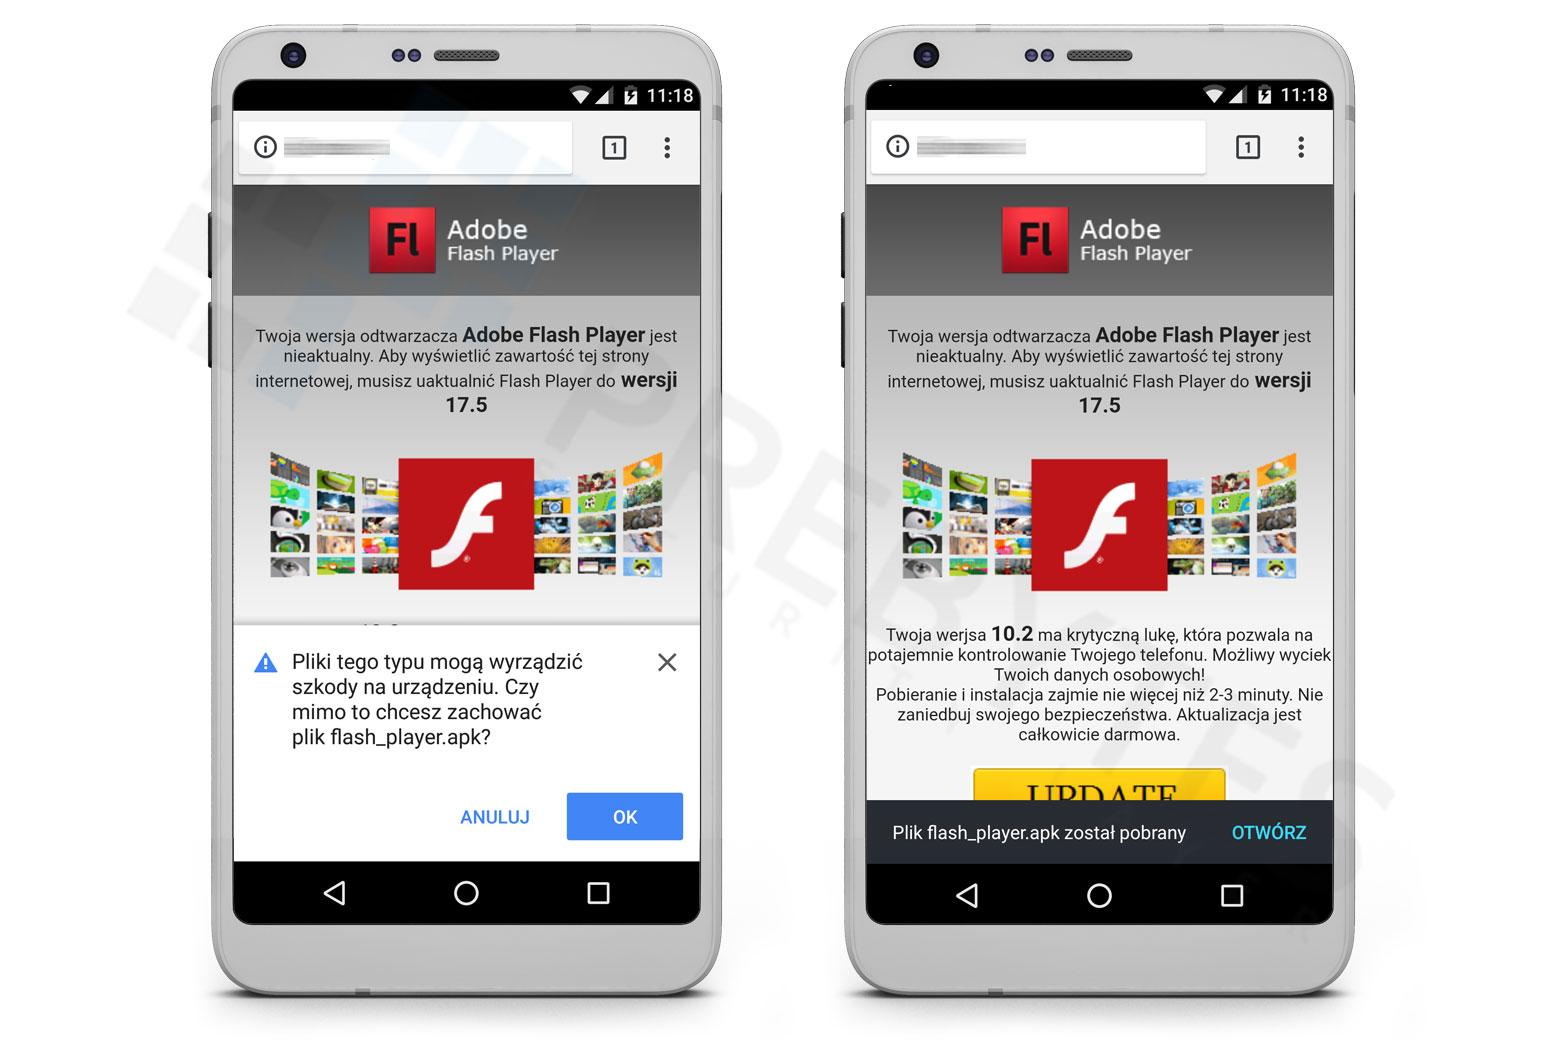 Fałszywa aktualizacja Adobe Flash Player na system Android